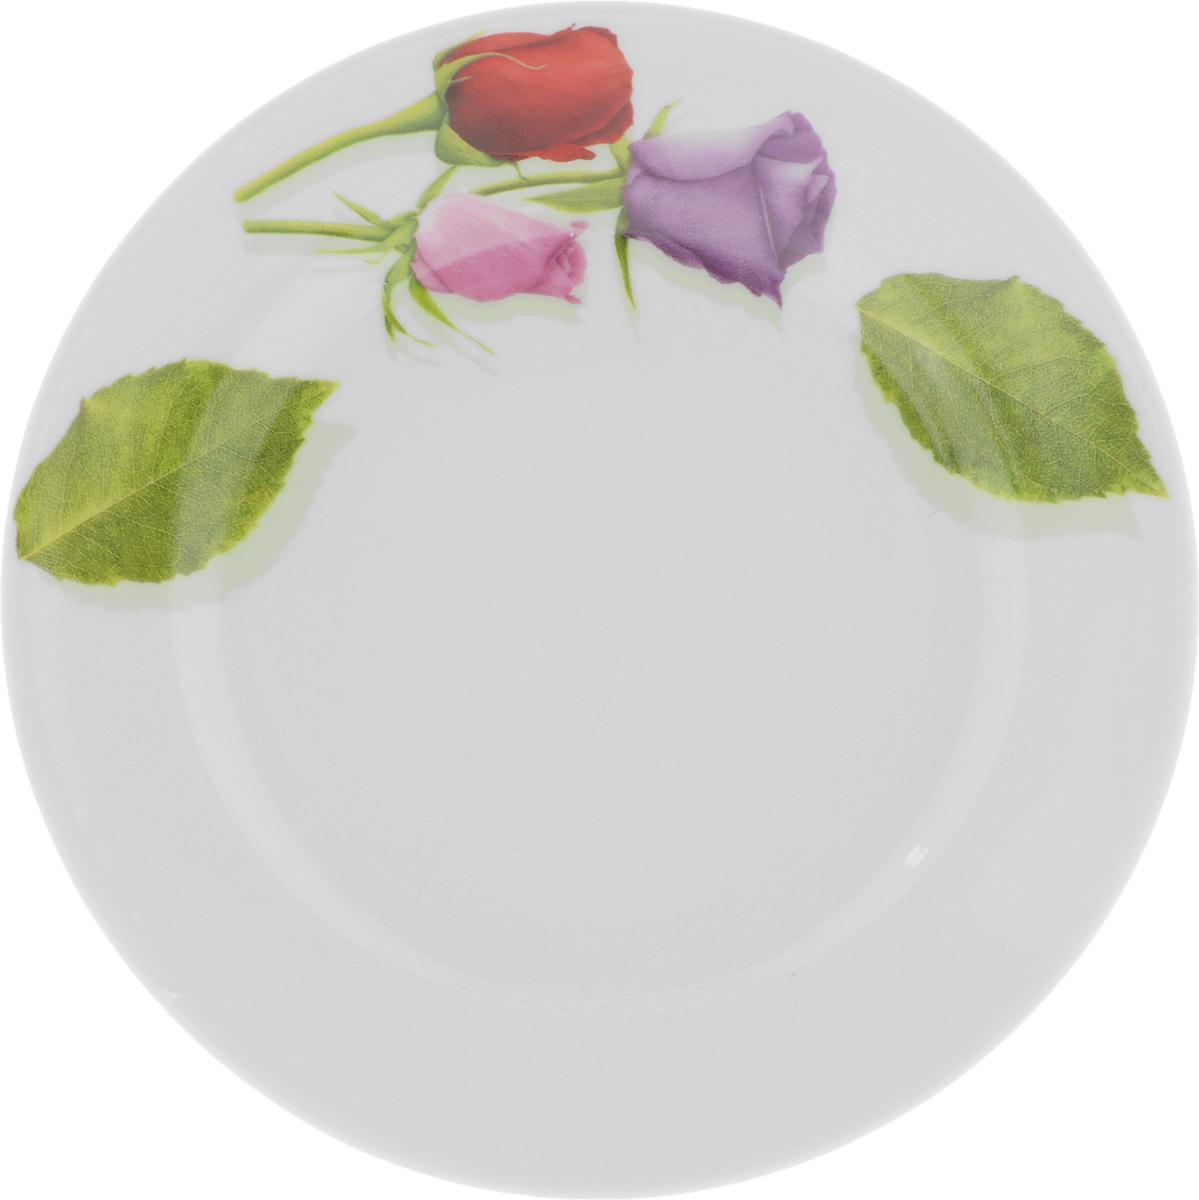 Тарелка десертная Идиллия. Королева цветов, диаметр 17 см115010Десертная тарелка Идиллия. Королева цветов, изготовленная из высококачественного фарфора, имеет изысканный внешний вид. Такая тарелка прекрасно подходит как для торжественных случаев, так и для повседневного использования. Идеальна для подачи десертов, пирожных, тортов и многого другого. Она прекрасно оформит стол и станет отличным дополнением к вашей коллекции кухонной посуды.